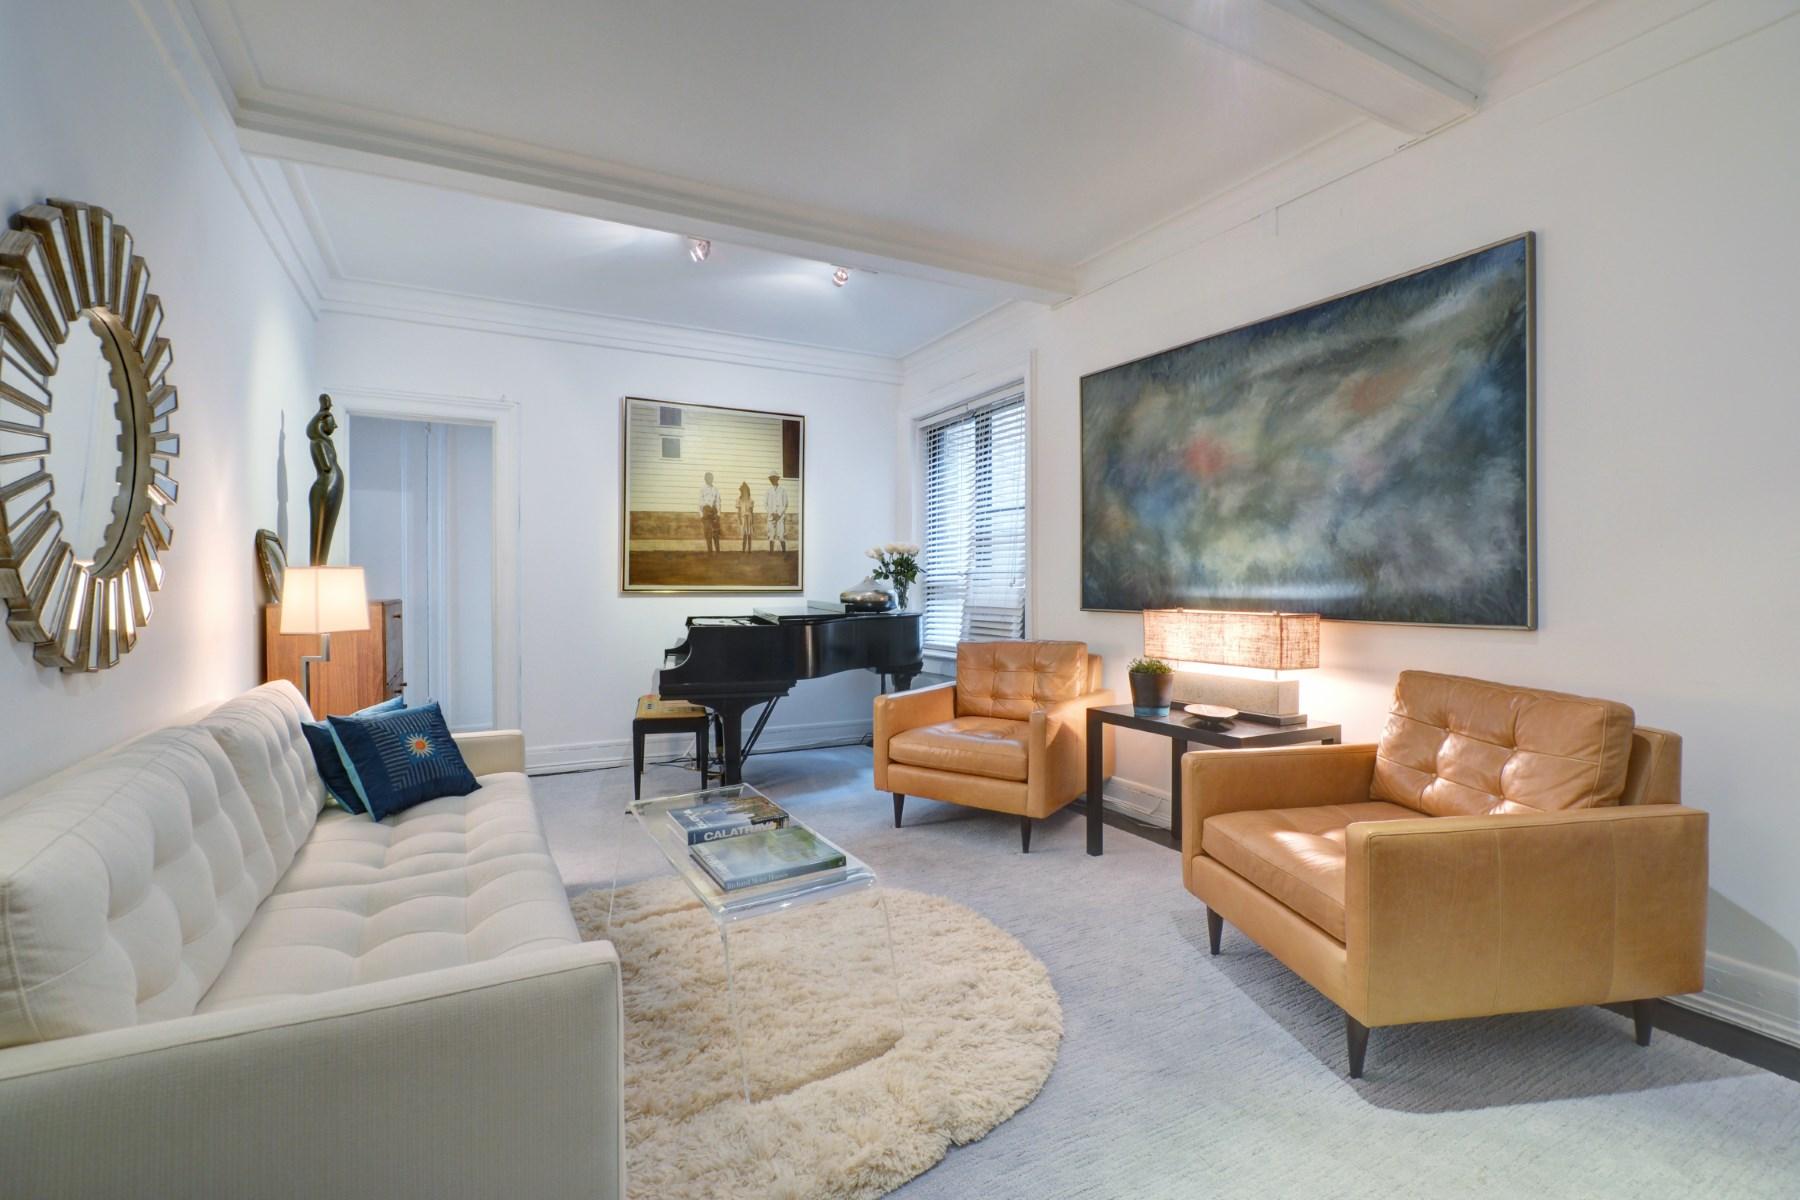 Condominium for Sale at 120 West 58th Street, Apt 7B 120 West 58th Street Apt 7b New York, New York 10019 United States